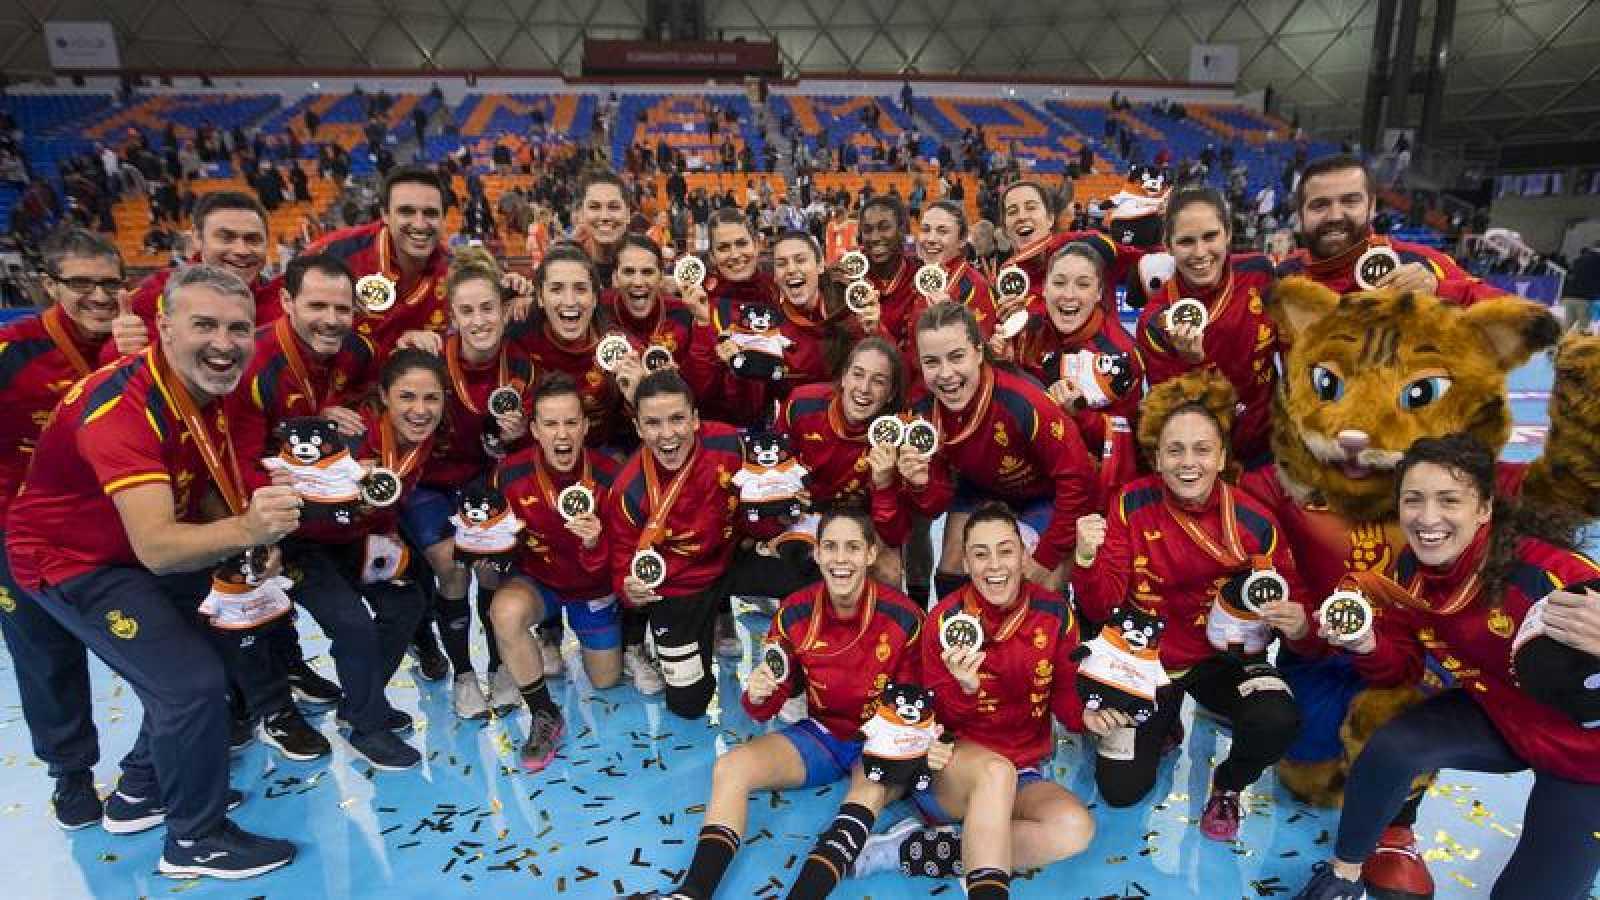 La selección española femenina de balonmano posa con la medalla de plata conseguida en el Mundial de Japón 2019.